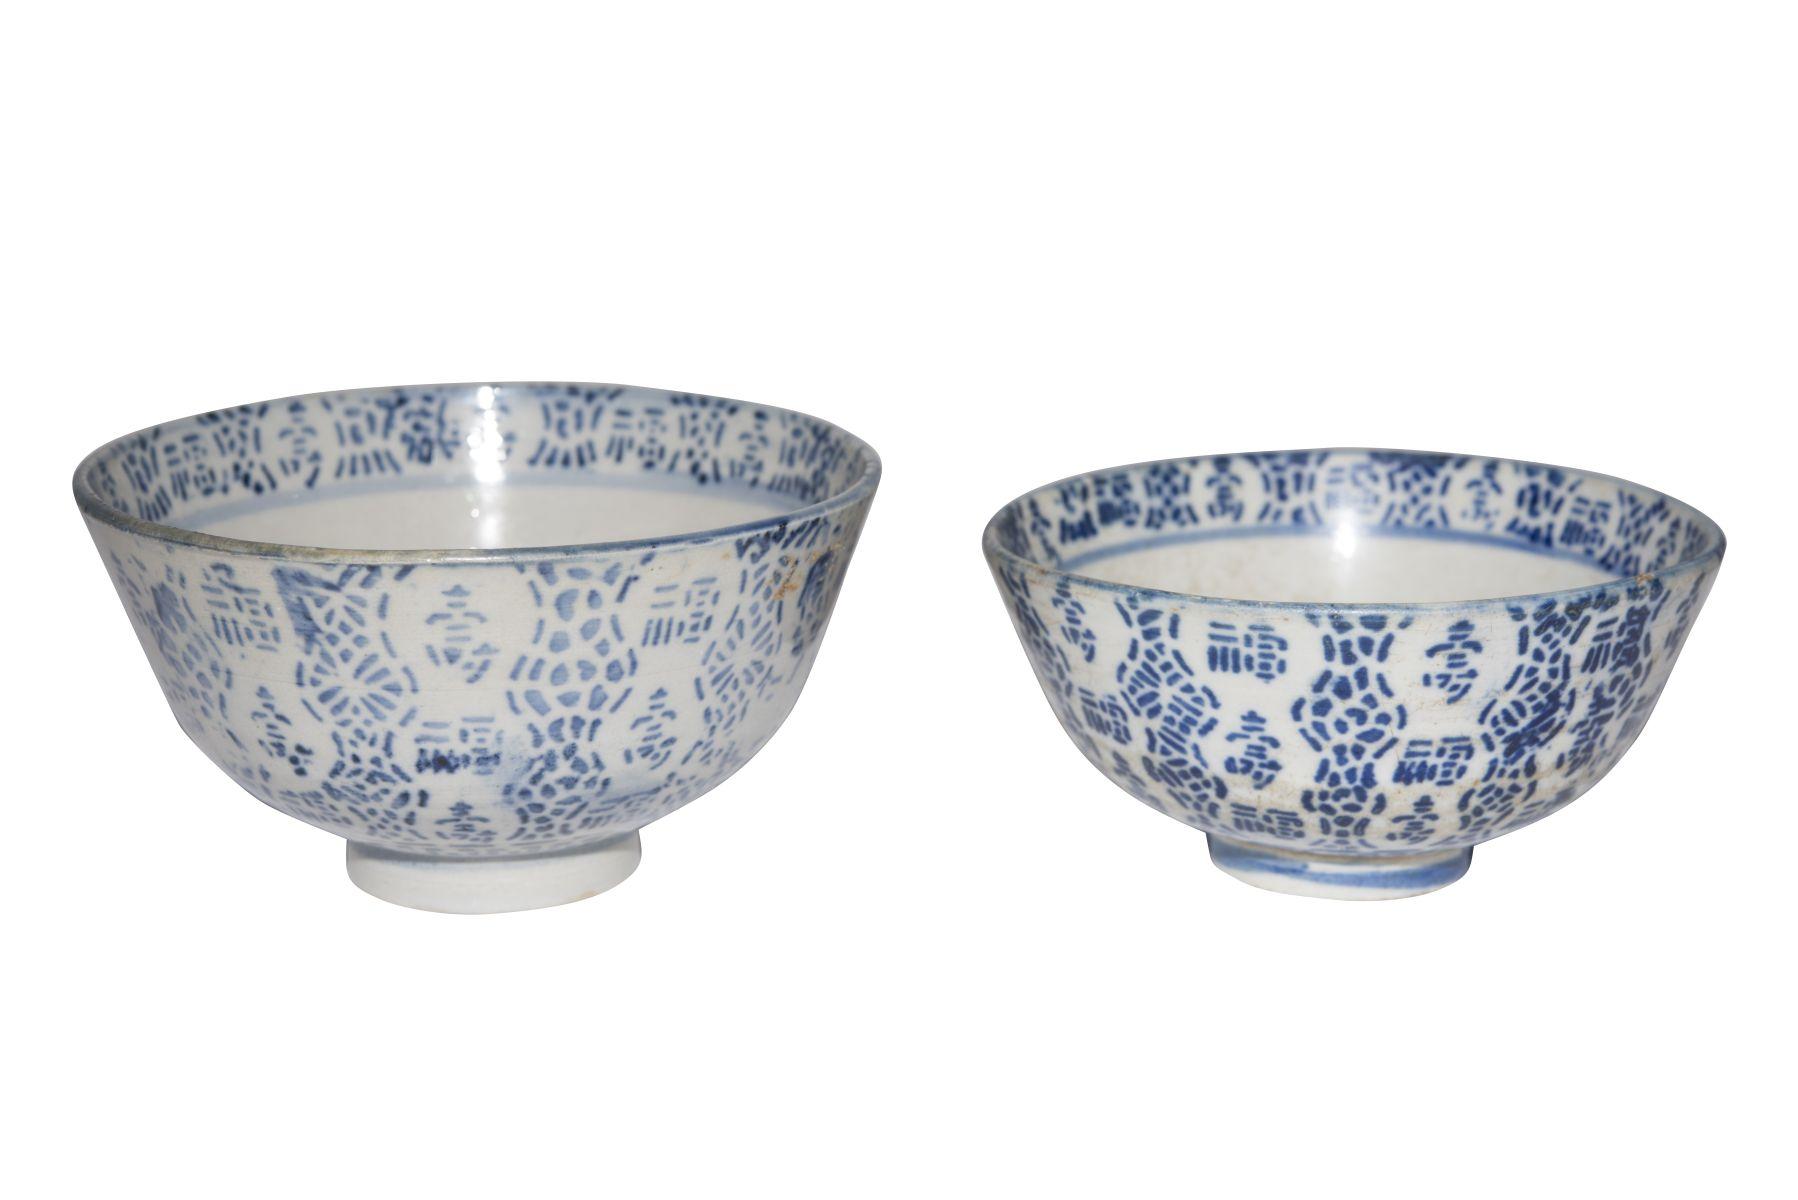 #76 2 rice bowls of different sizes Qing Dynasty | 2 Reisschalen verschiedene Größen Qing Dynastie Image